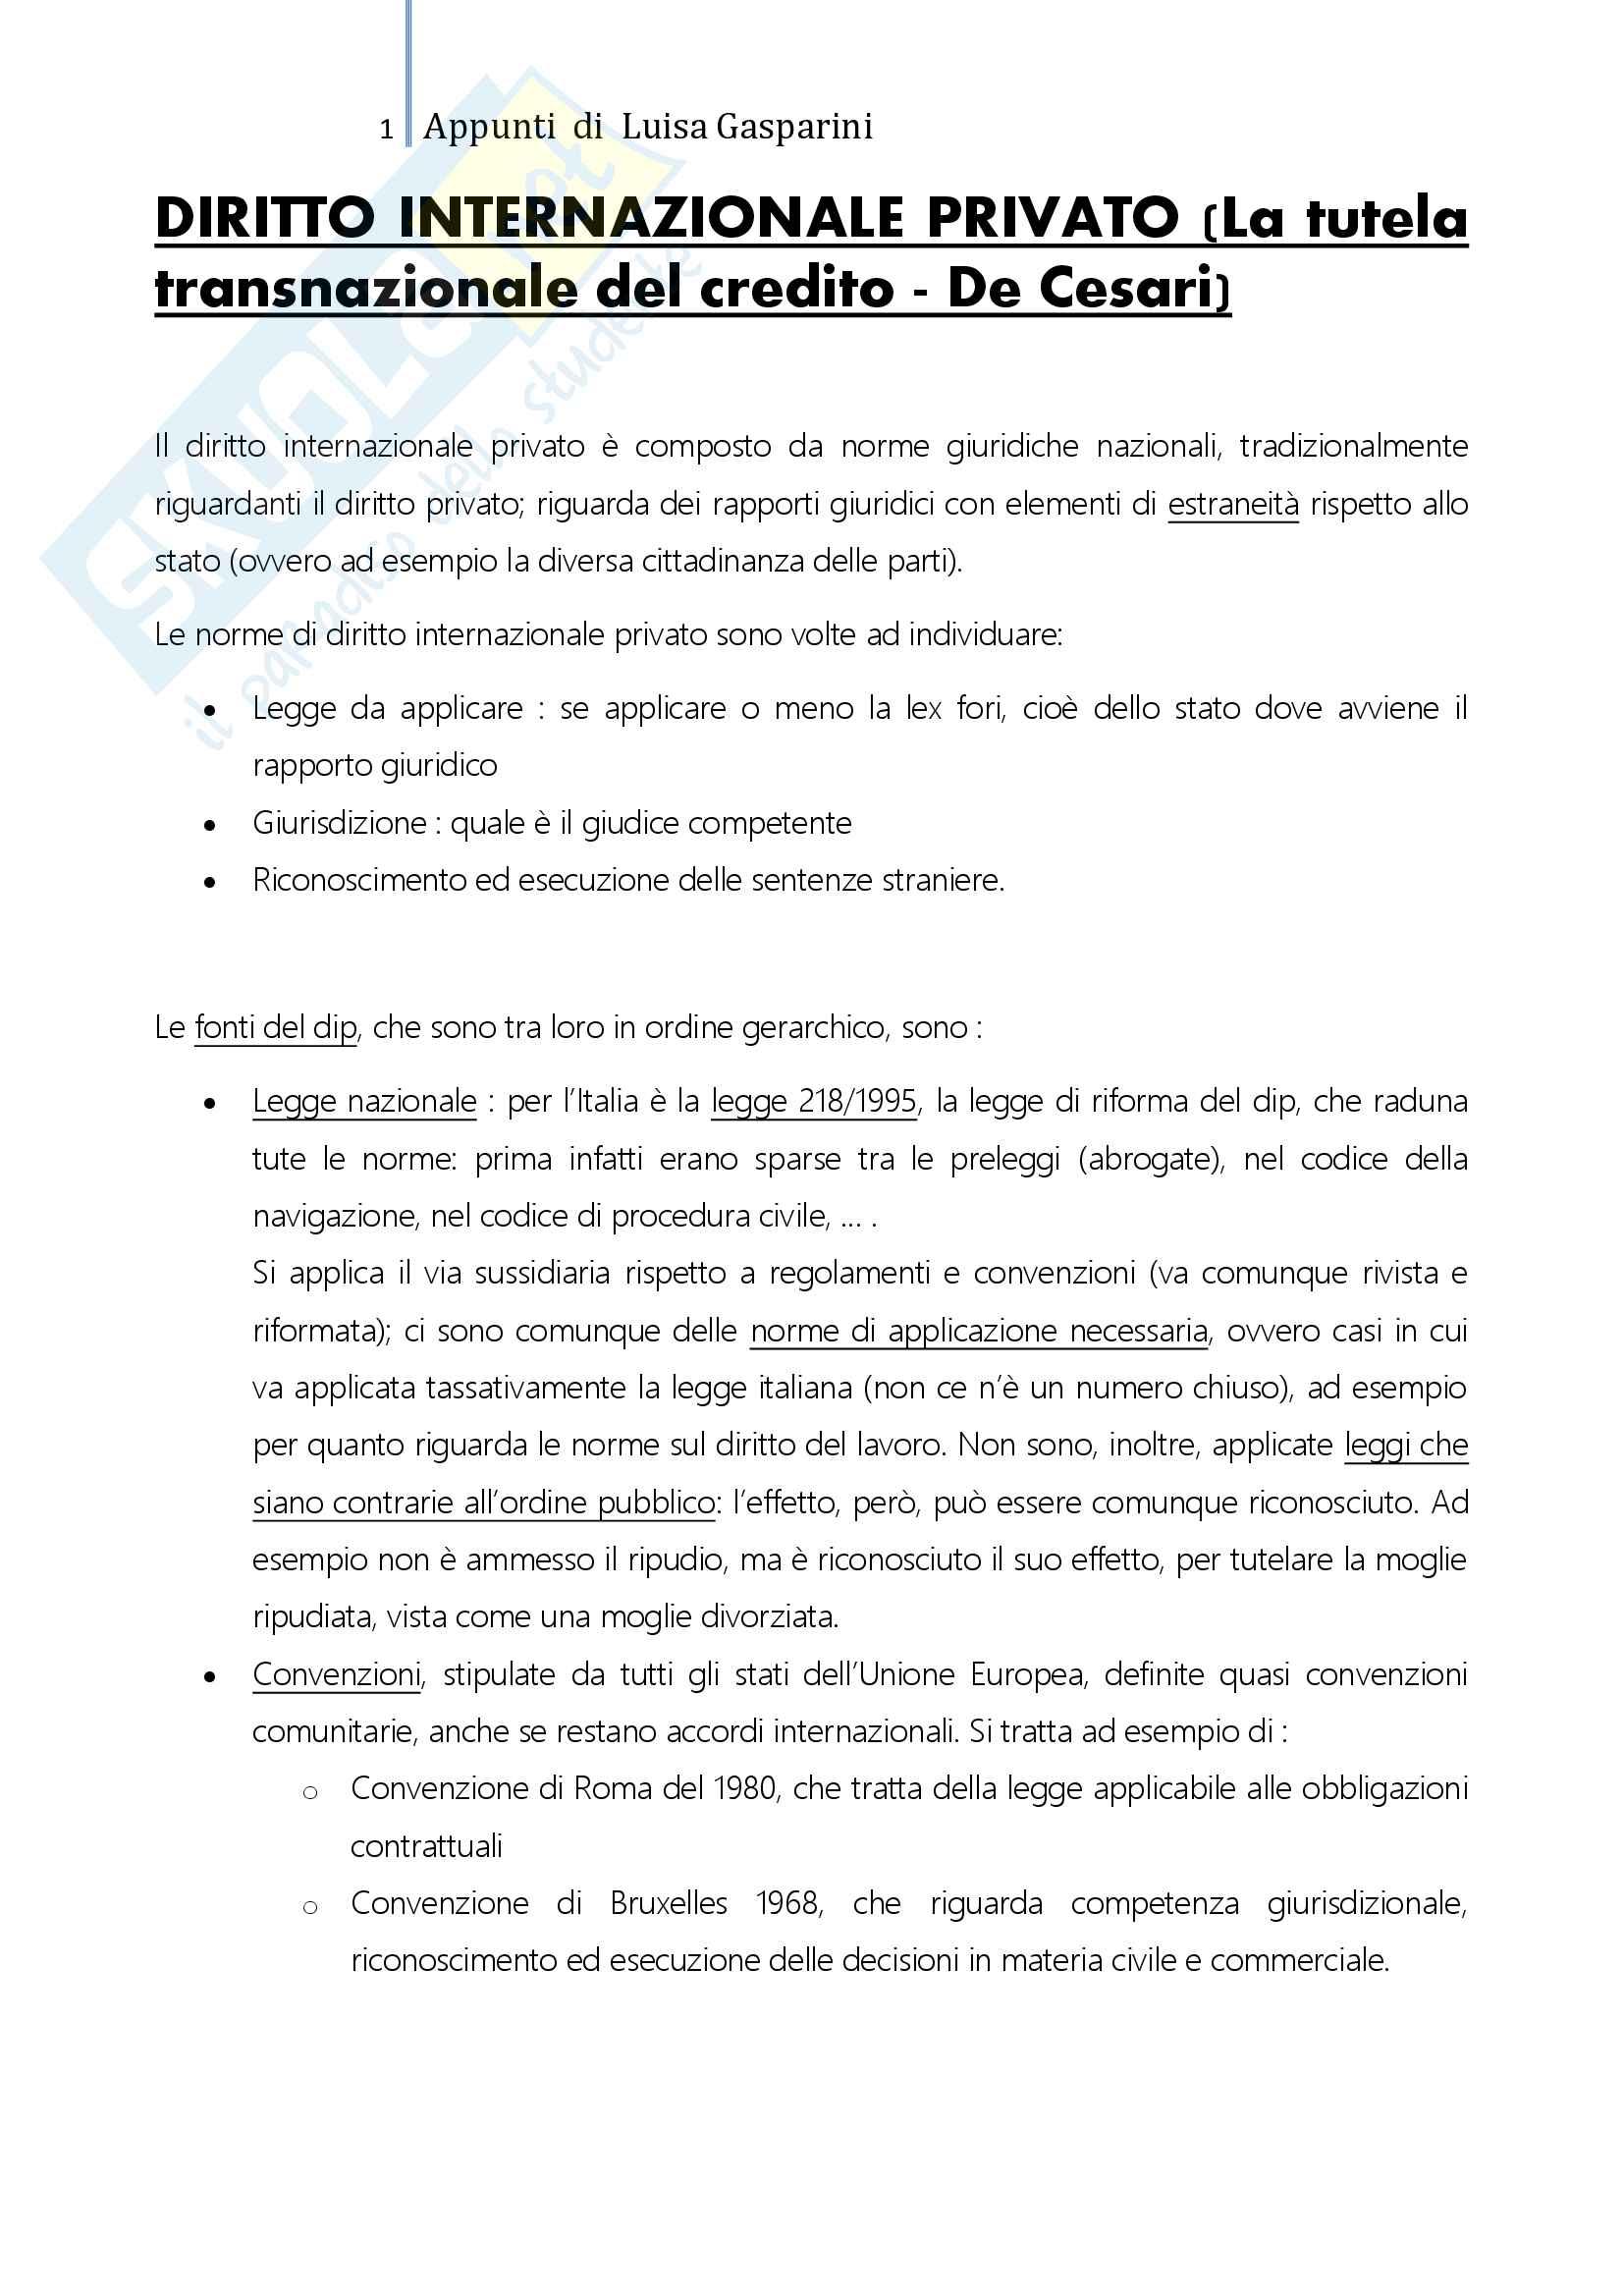 Riassunto esame Diritto Internazionale Privato, professoressa De Cesari, testo consigliato La tutela transnazionale del credito, De Cesari, Frigessi di Rattalma